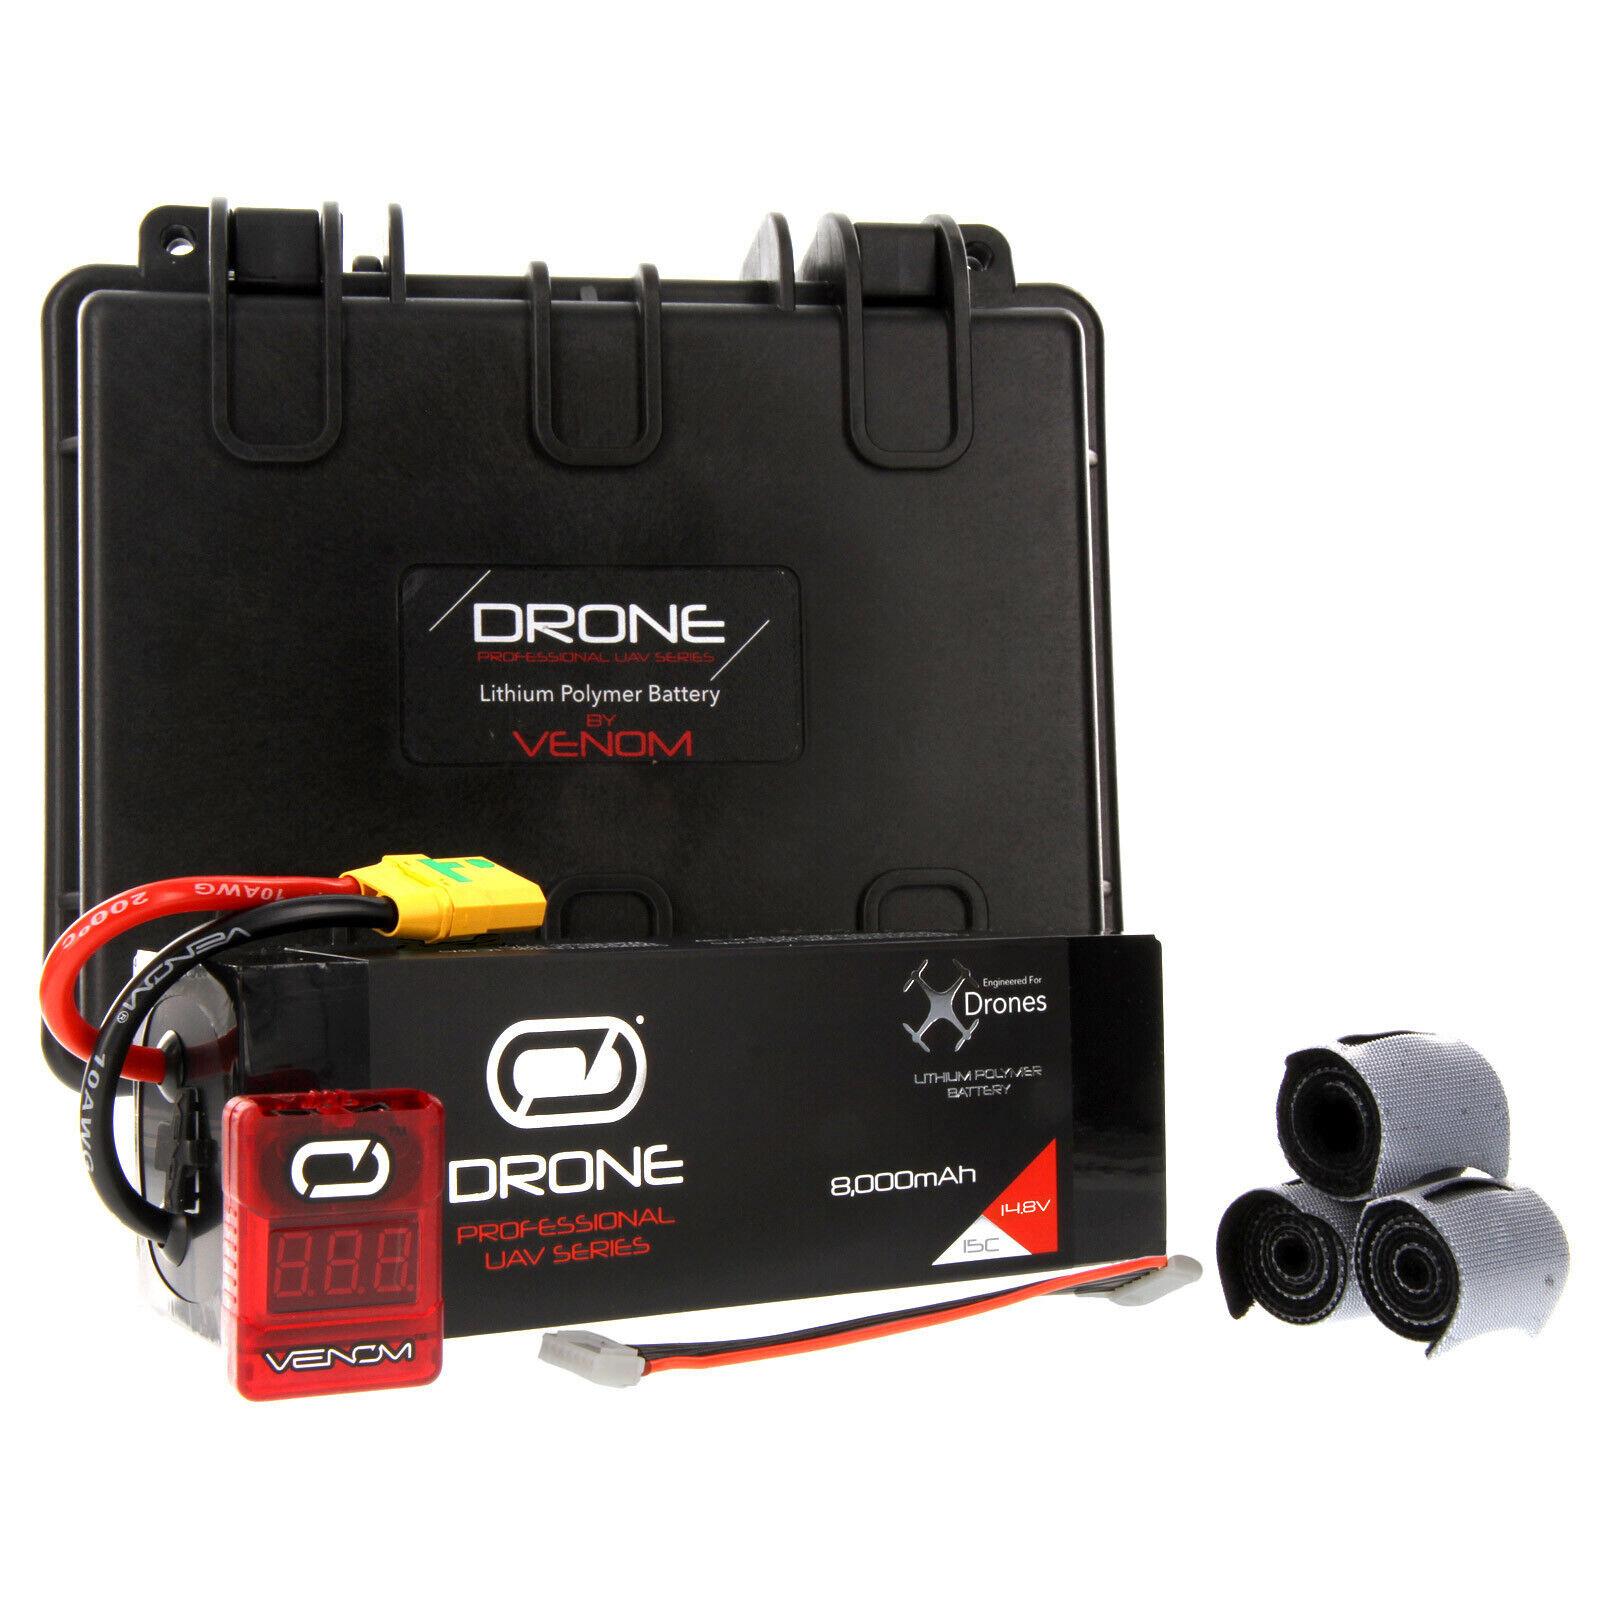 Venom 8000mAh 4S 14.8V Batería drone profesional, Lipo 15C con Enchufe XT90-S